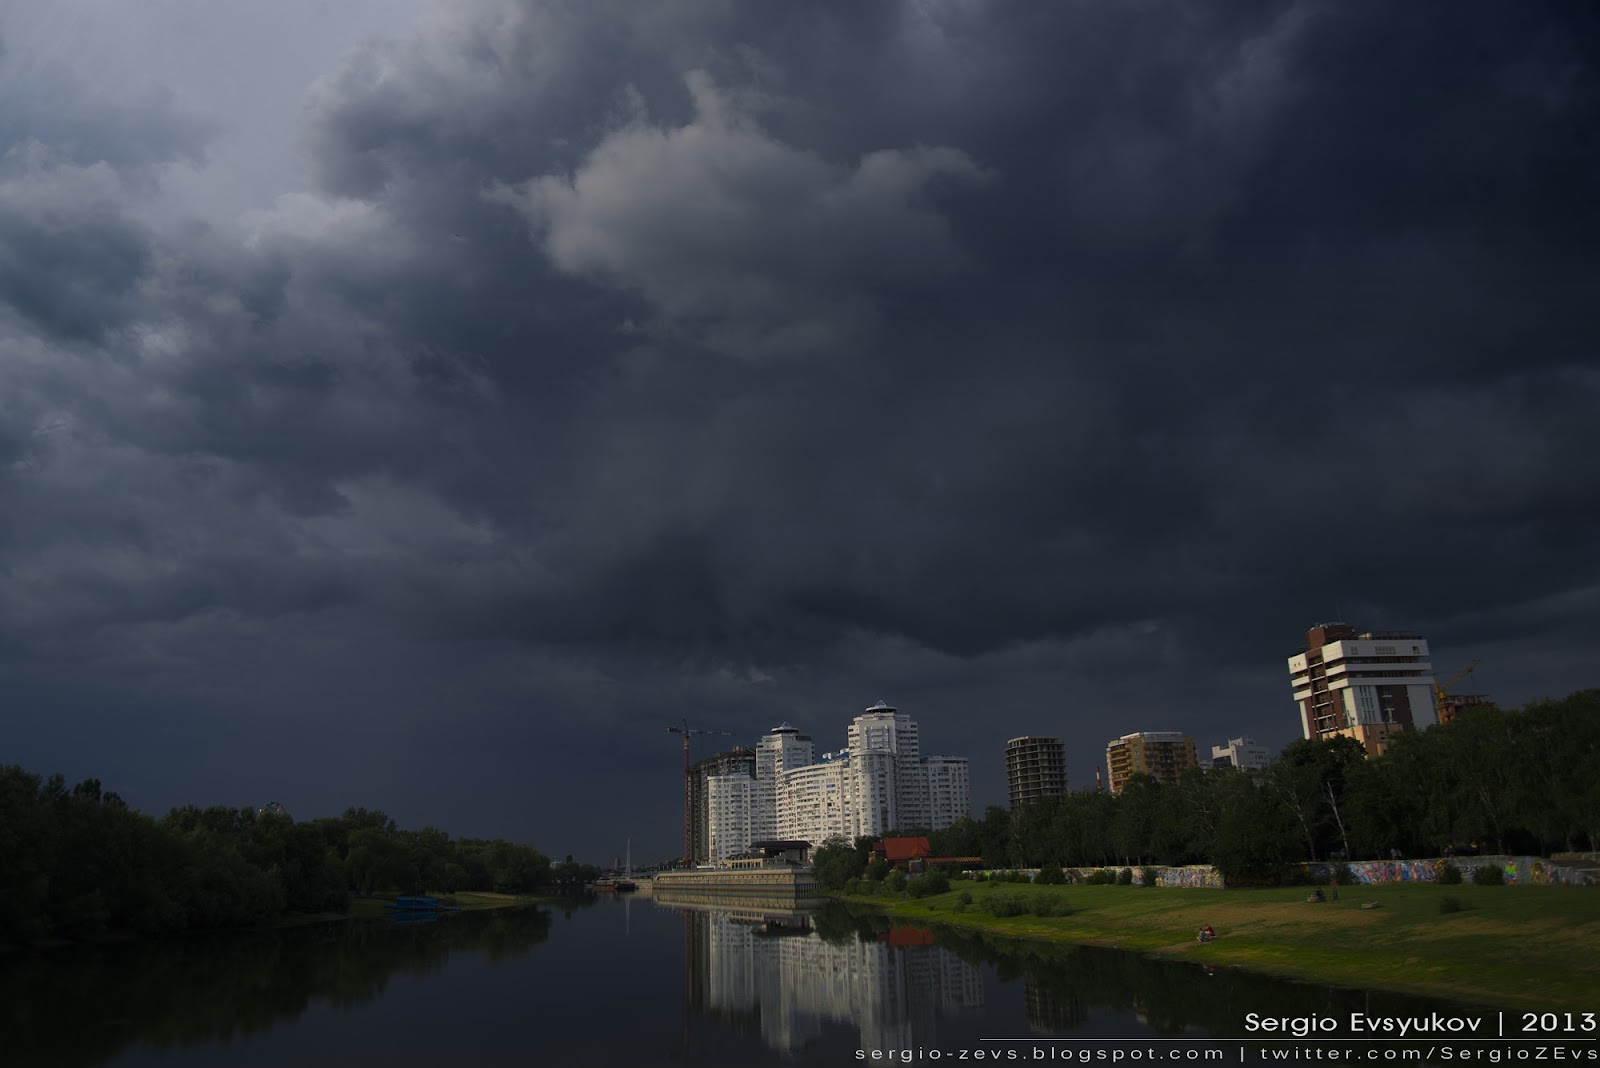 Storm in Krasnodar Russia